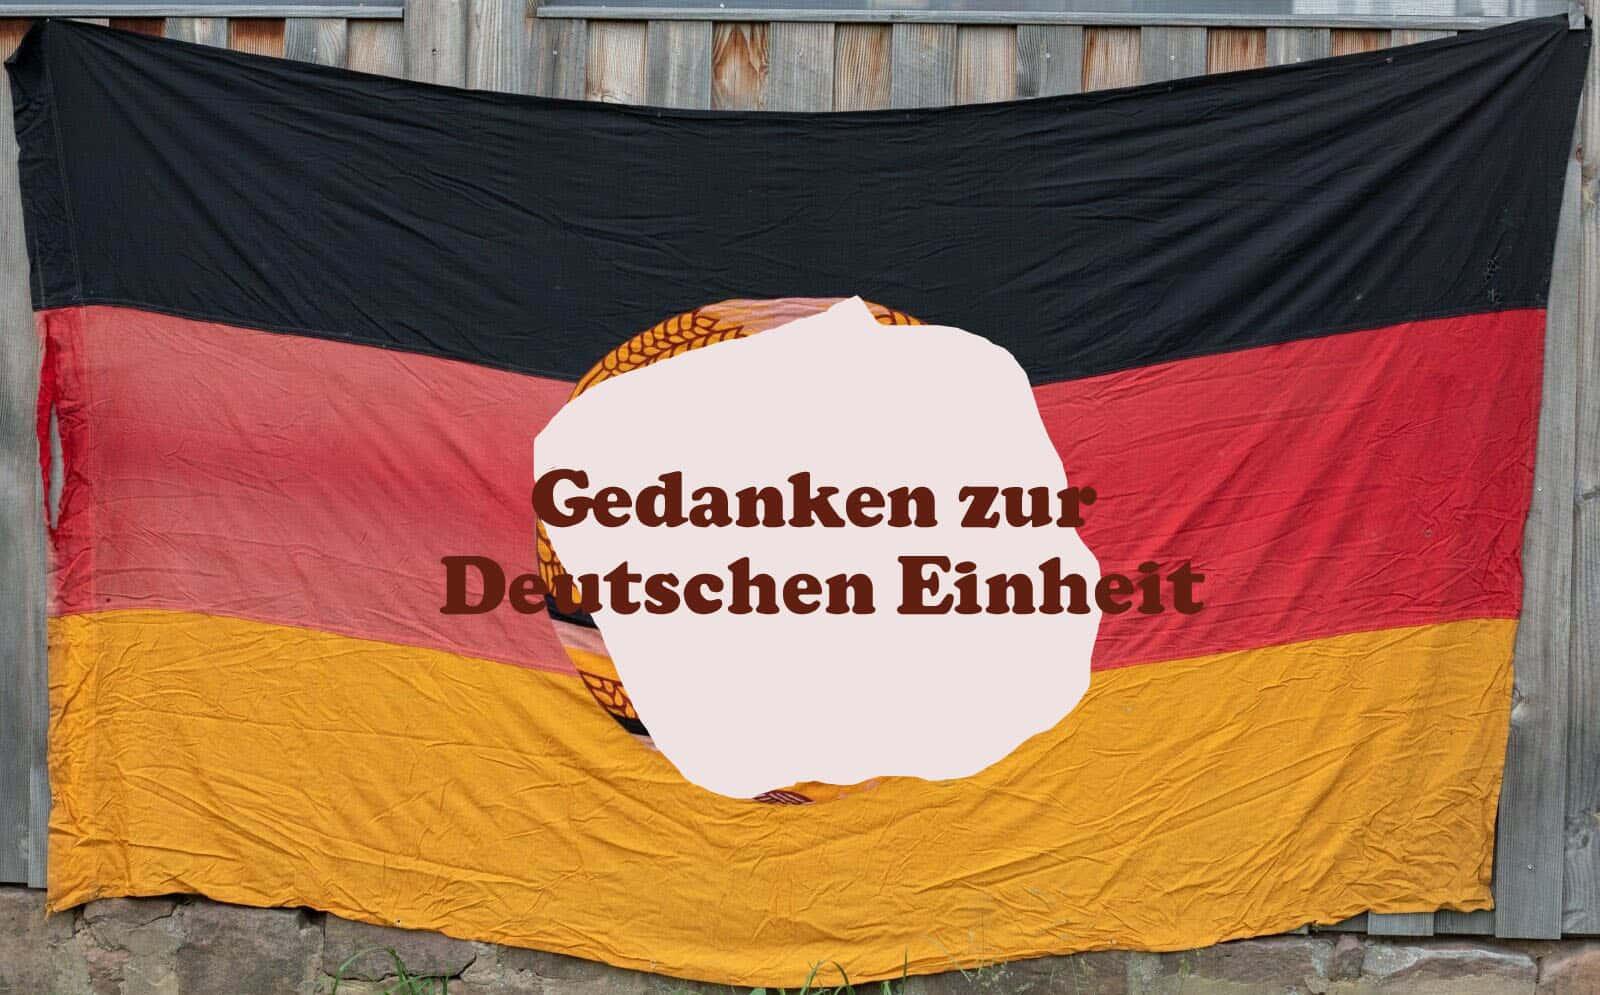 Gedanken zur Deutschen Einheit